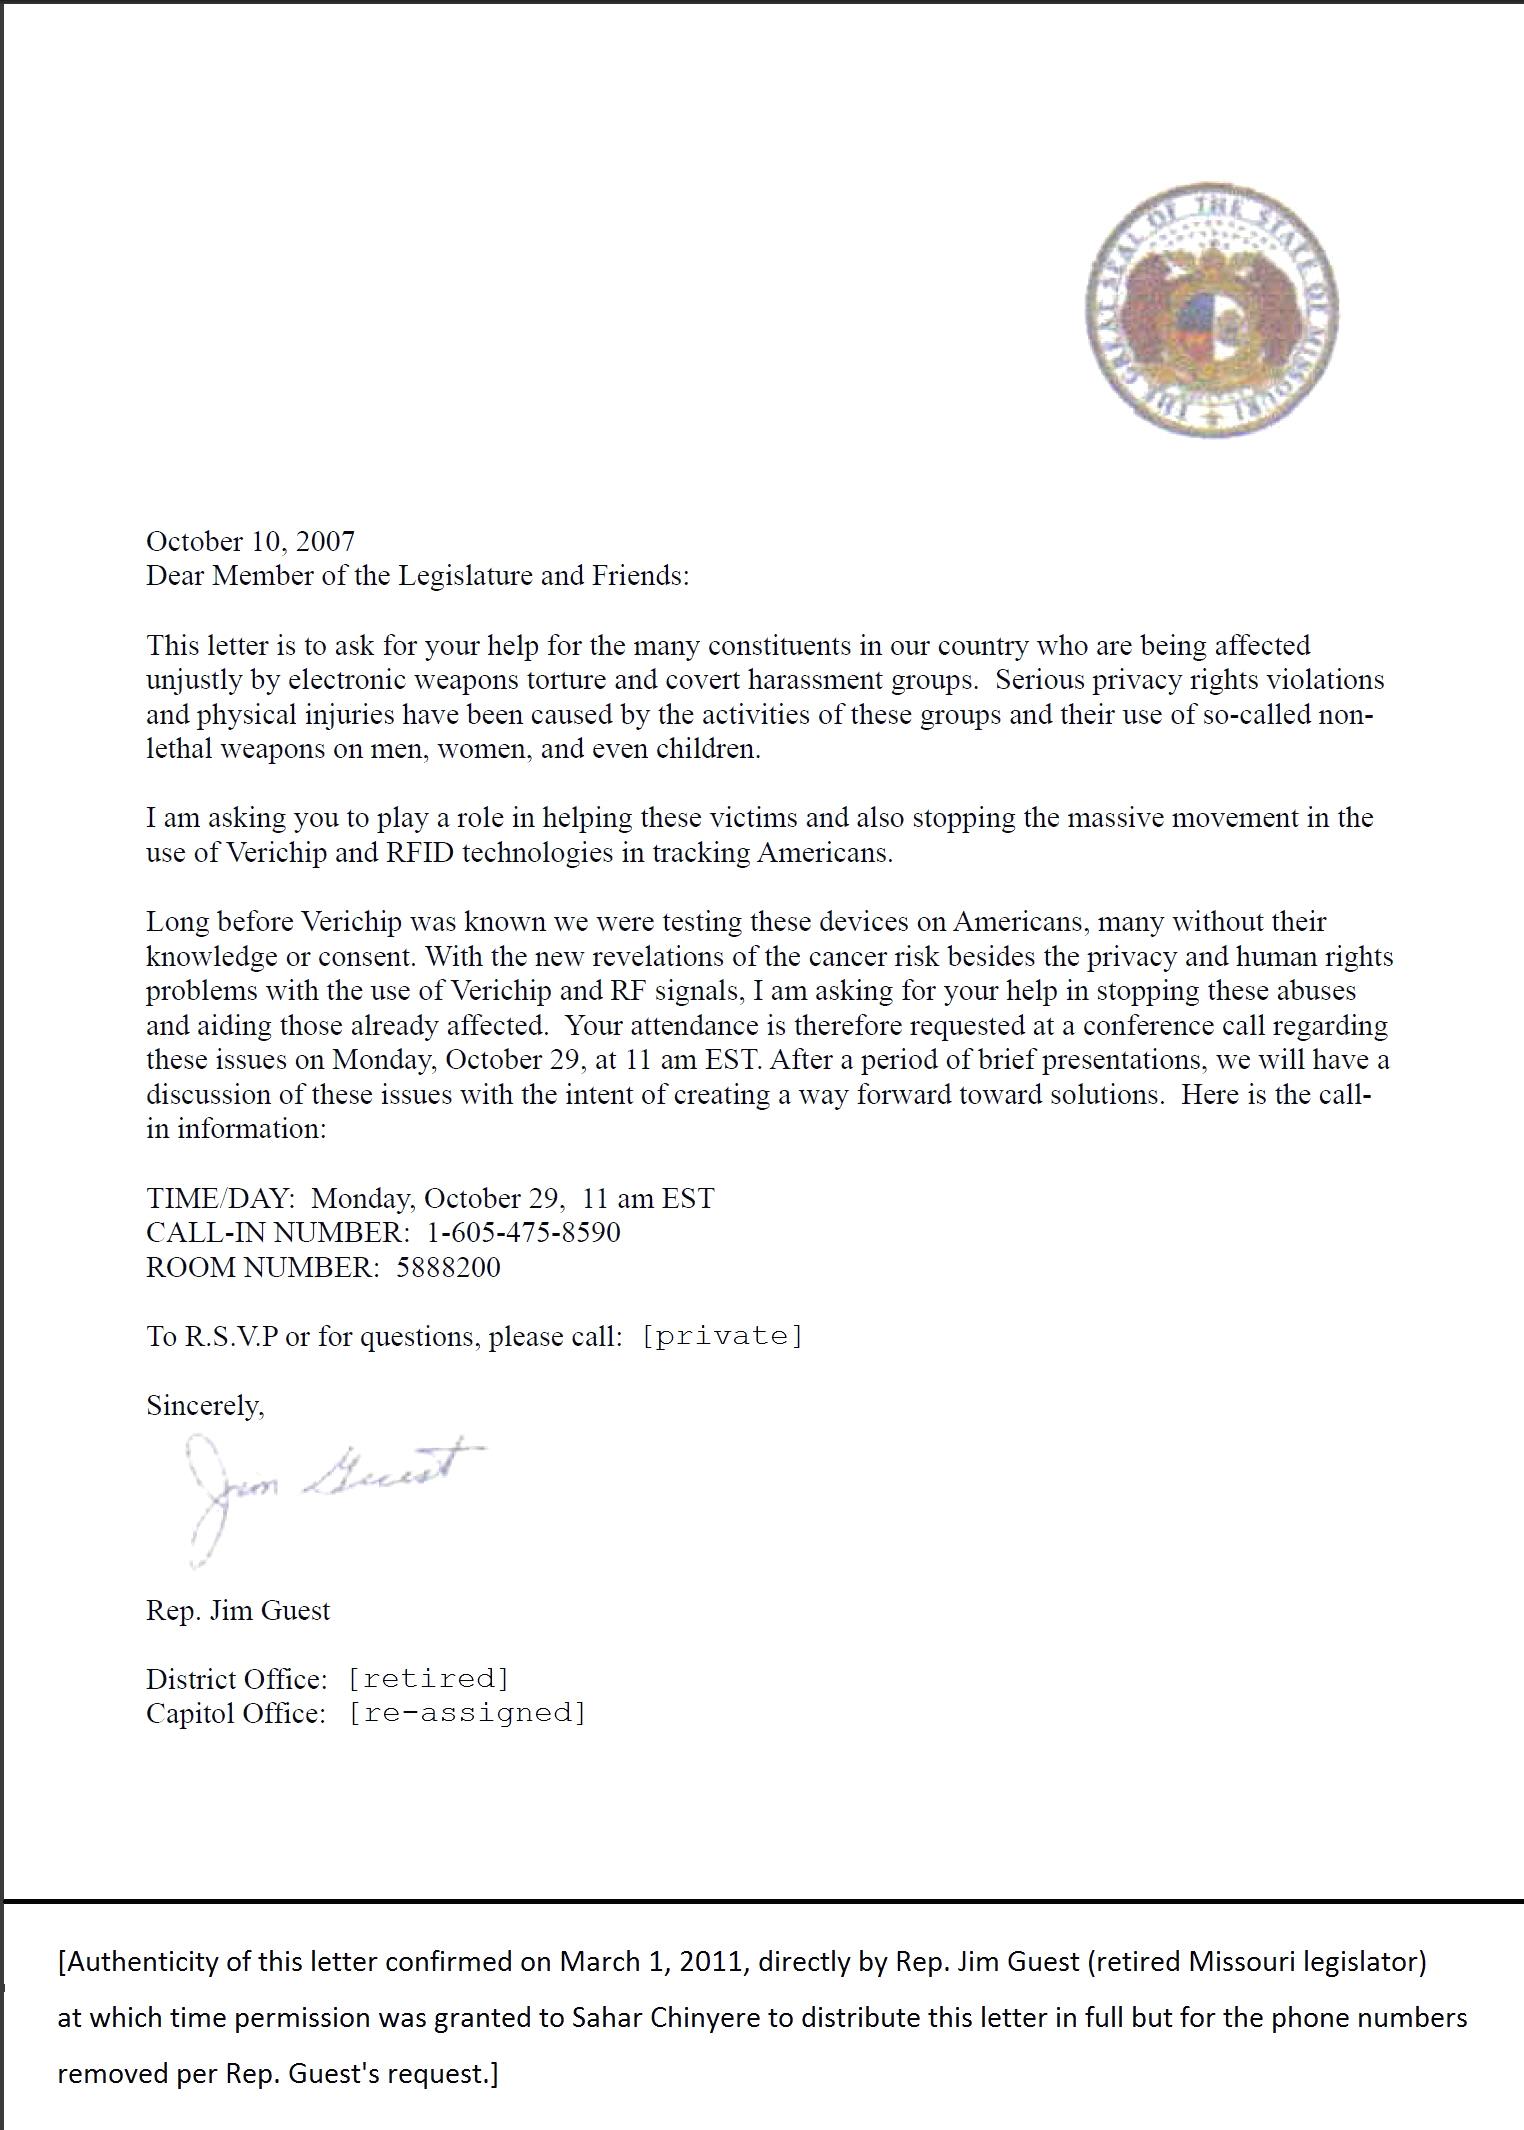 Jim Guest Letter